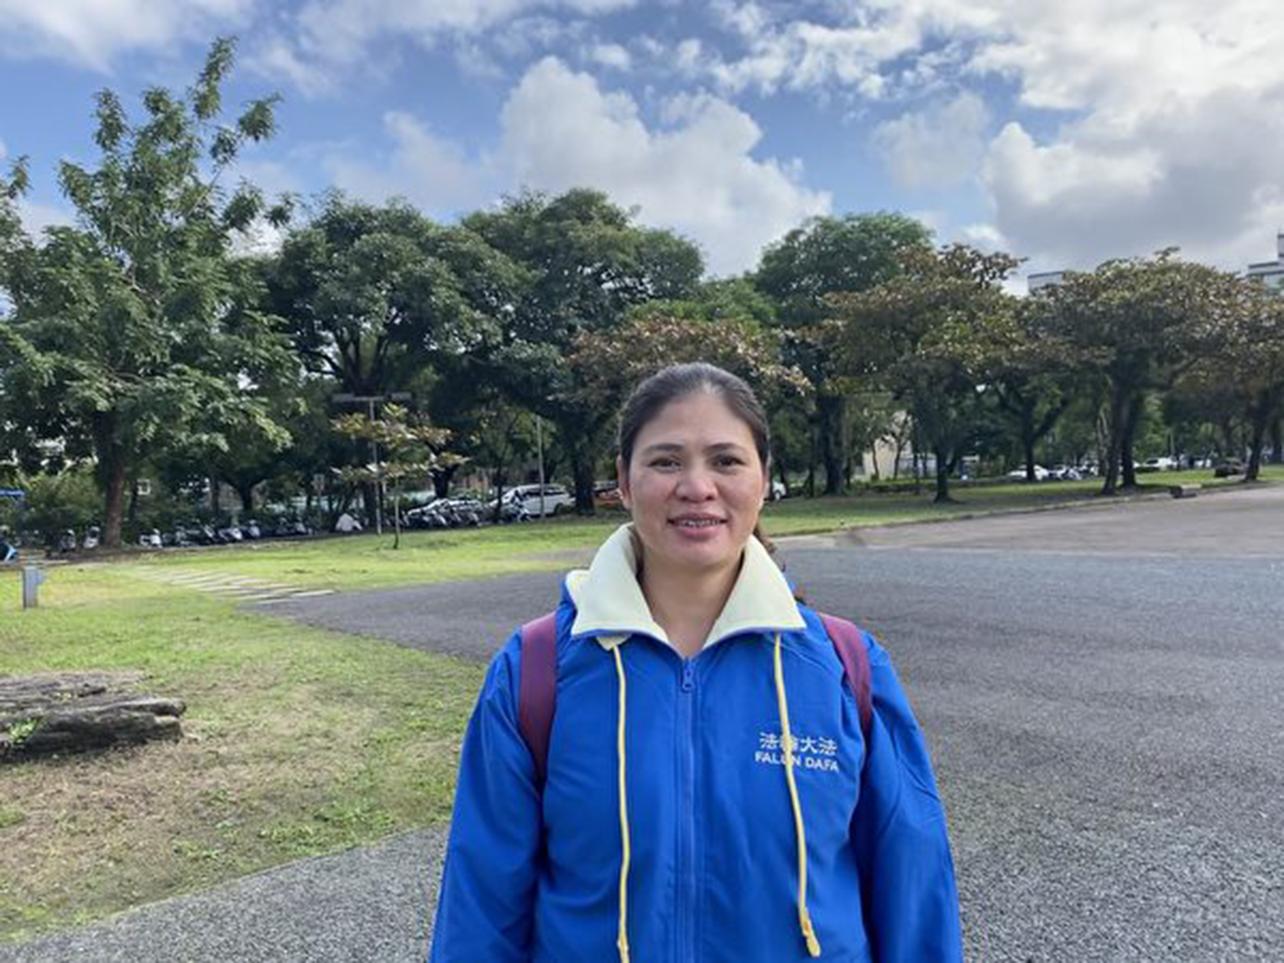 宜蘭法輪功學員阿合來自越南,學煉法輪功3年多,學煉後她身體健康,心情快樂。